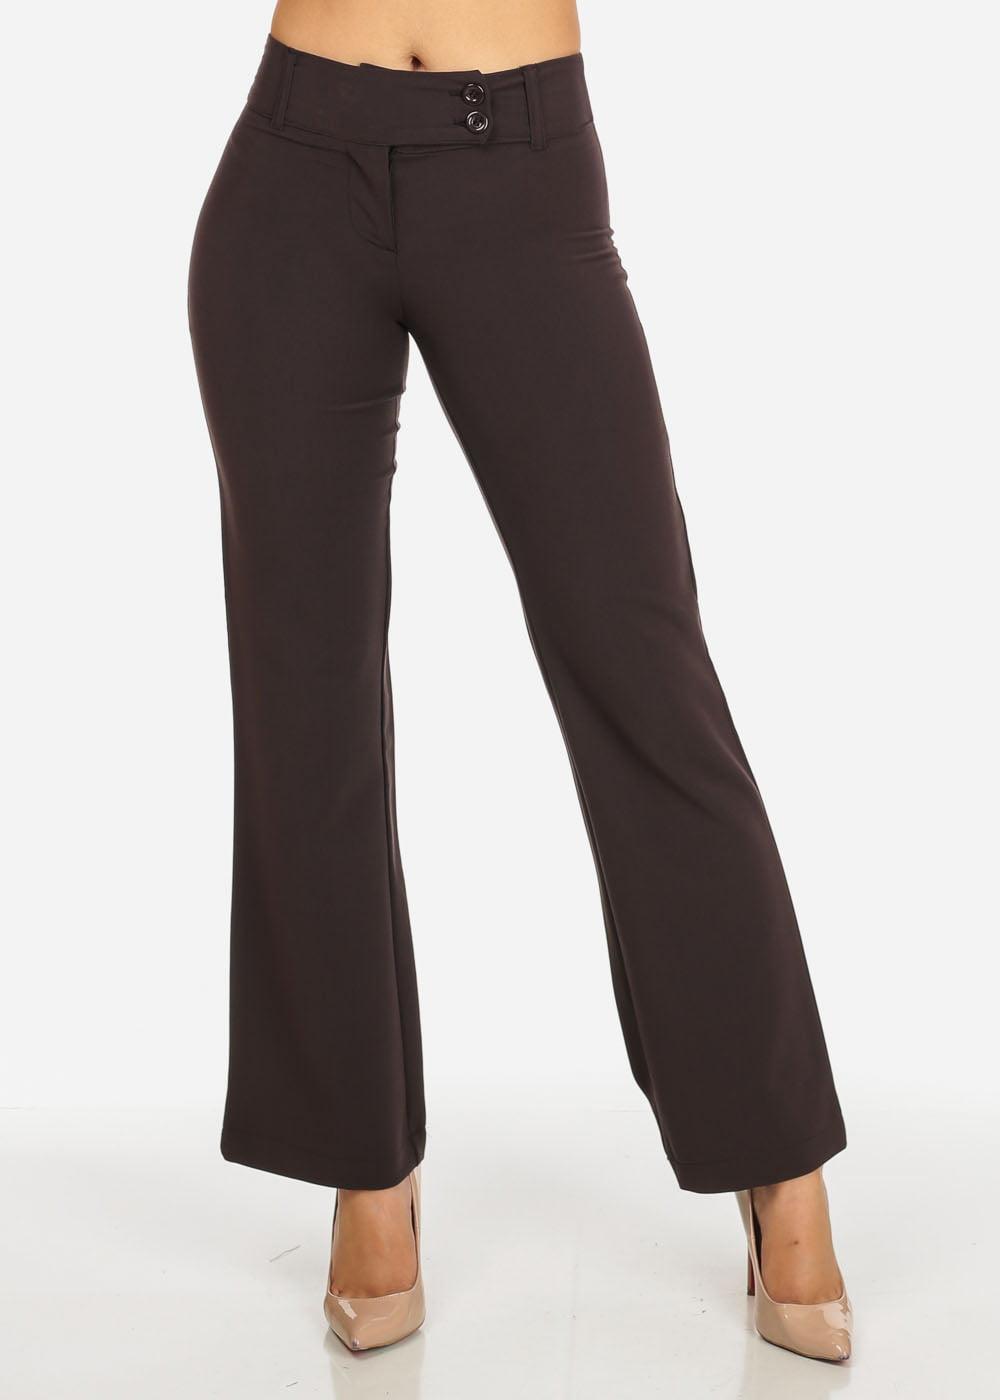 Womens Juniors Evening Wear Brown High Waisted 2-Button Straight Leg Pants 41014H